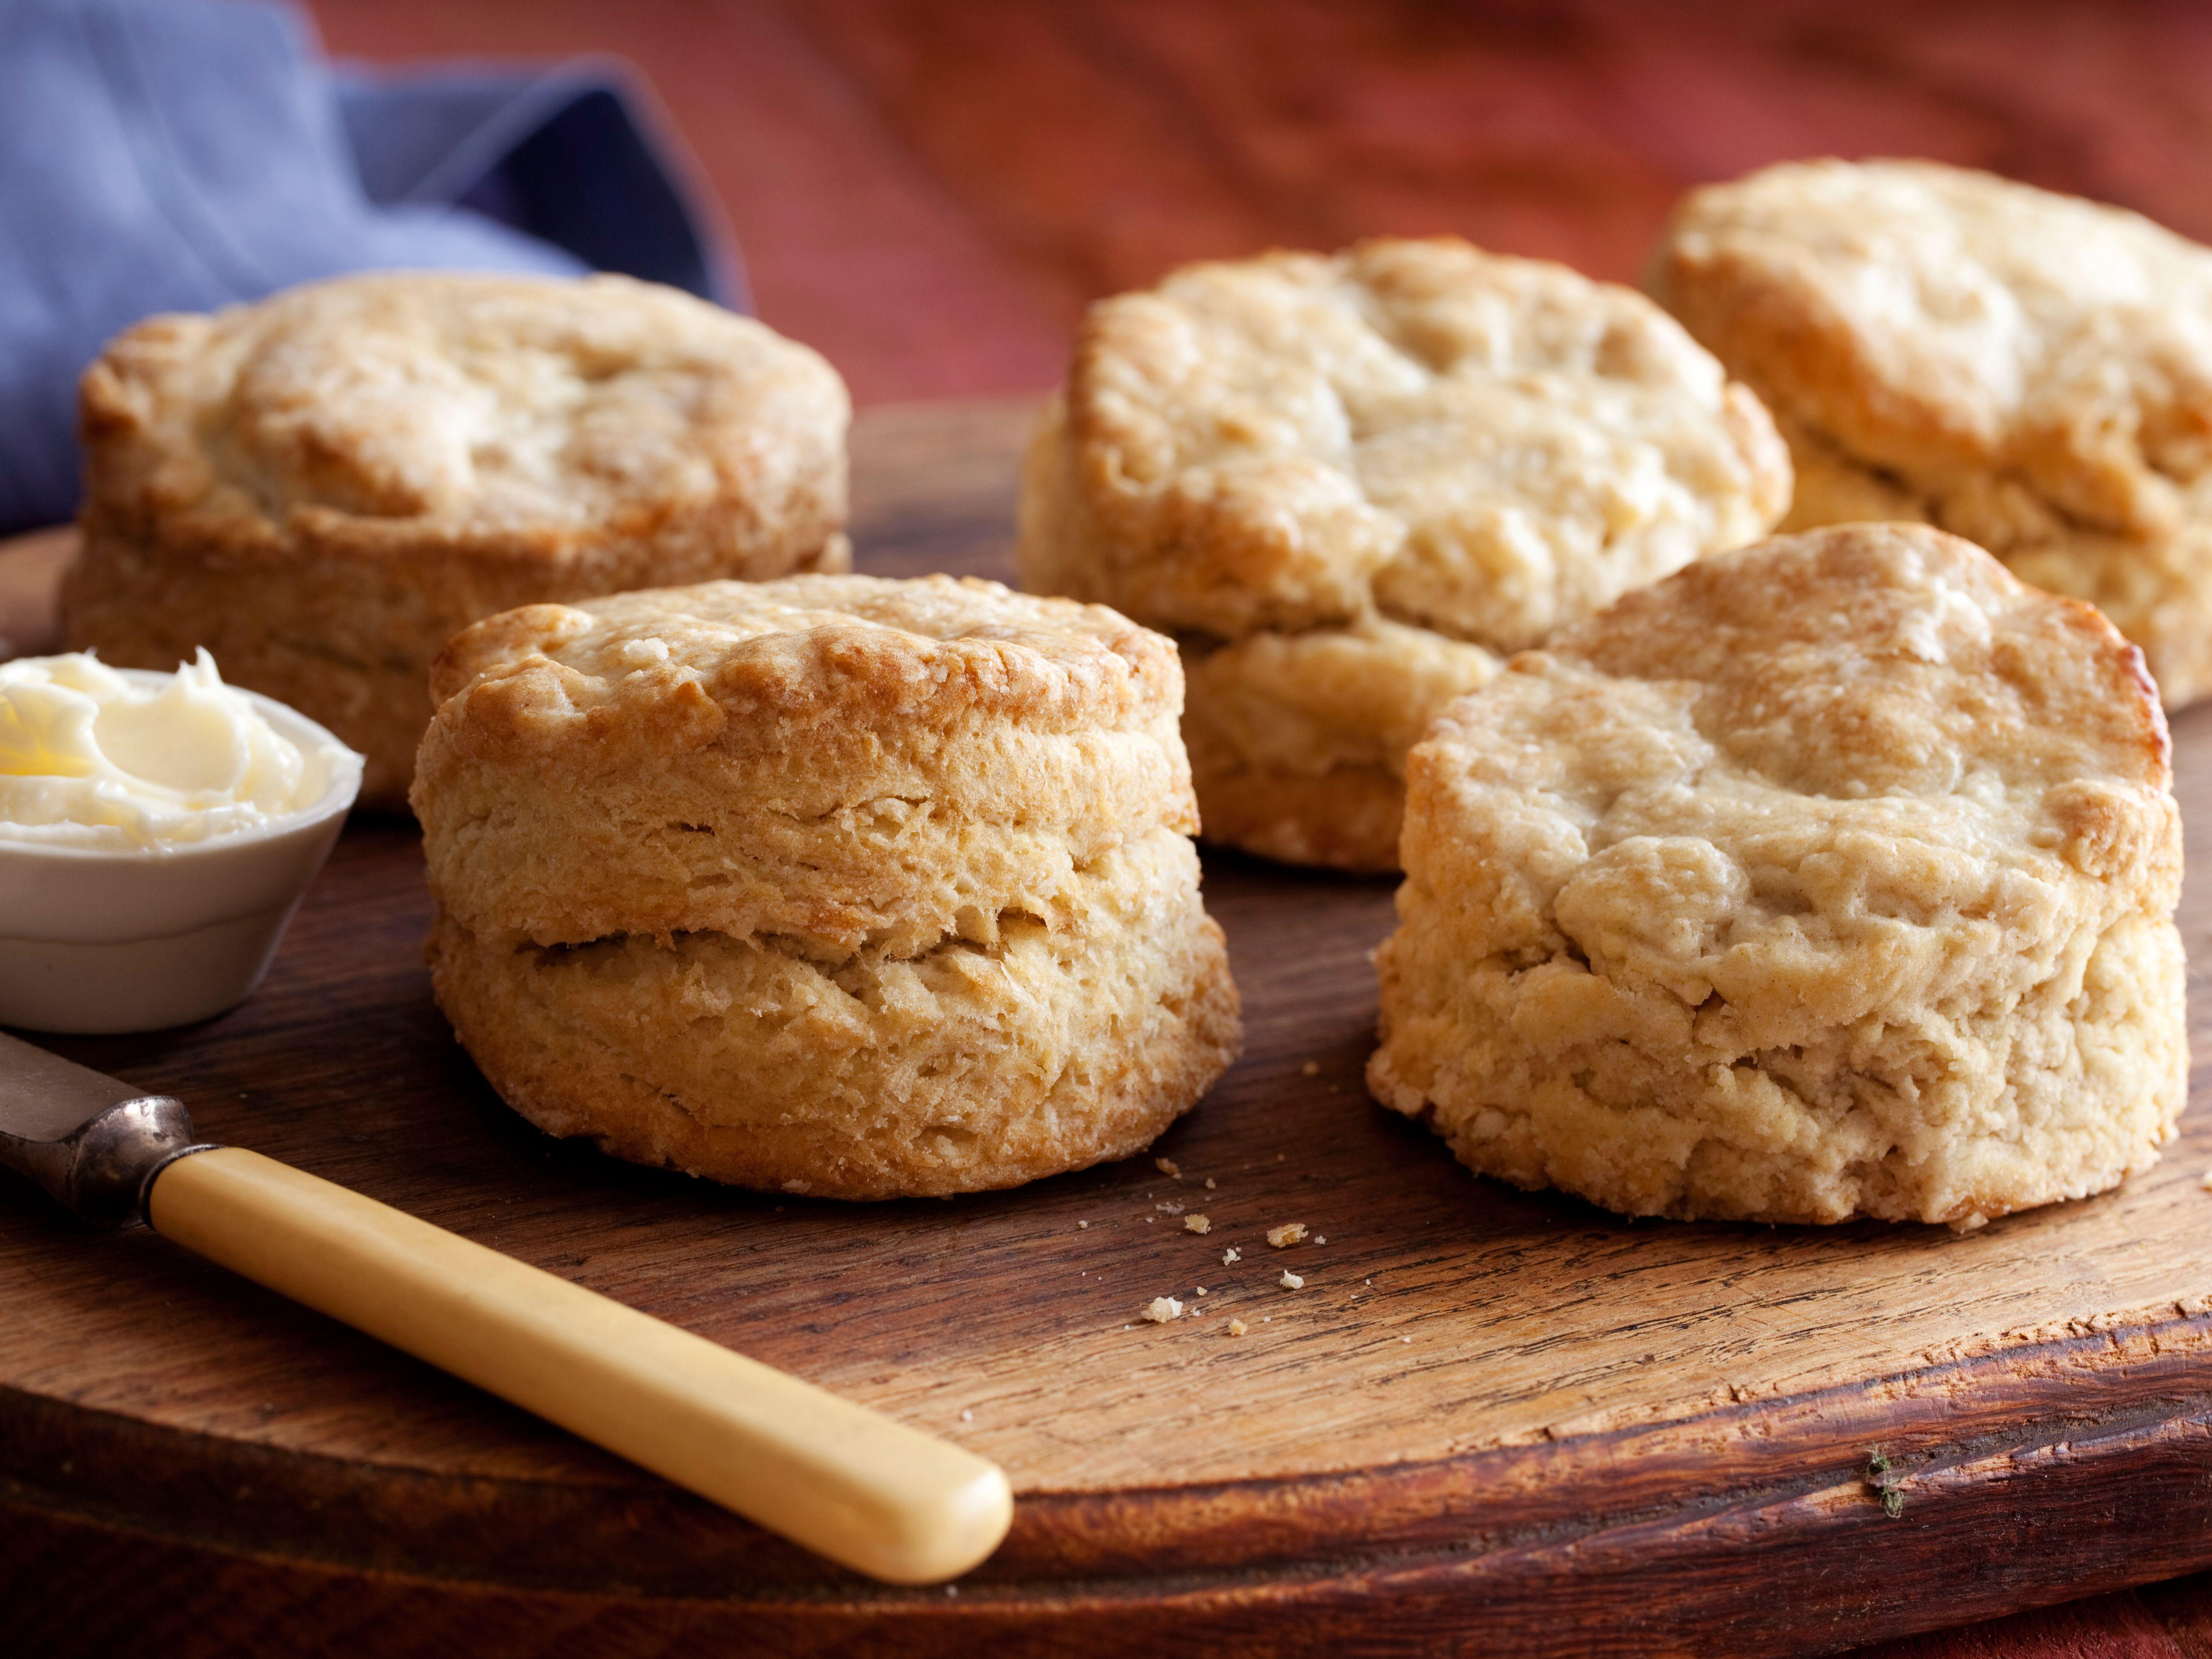 Buttermilk Biscuits Recipe Biscuit Recipe Buttermilk Biscuits Food Network Recipes